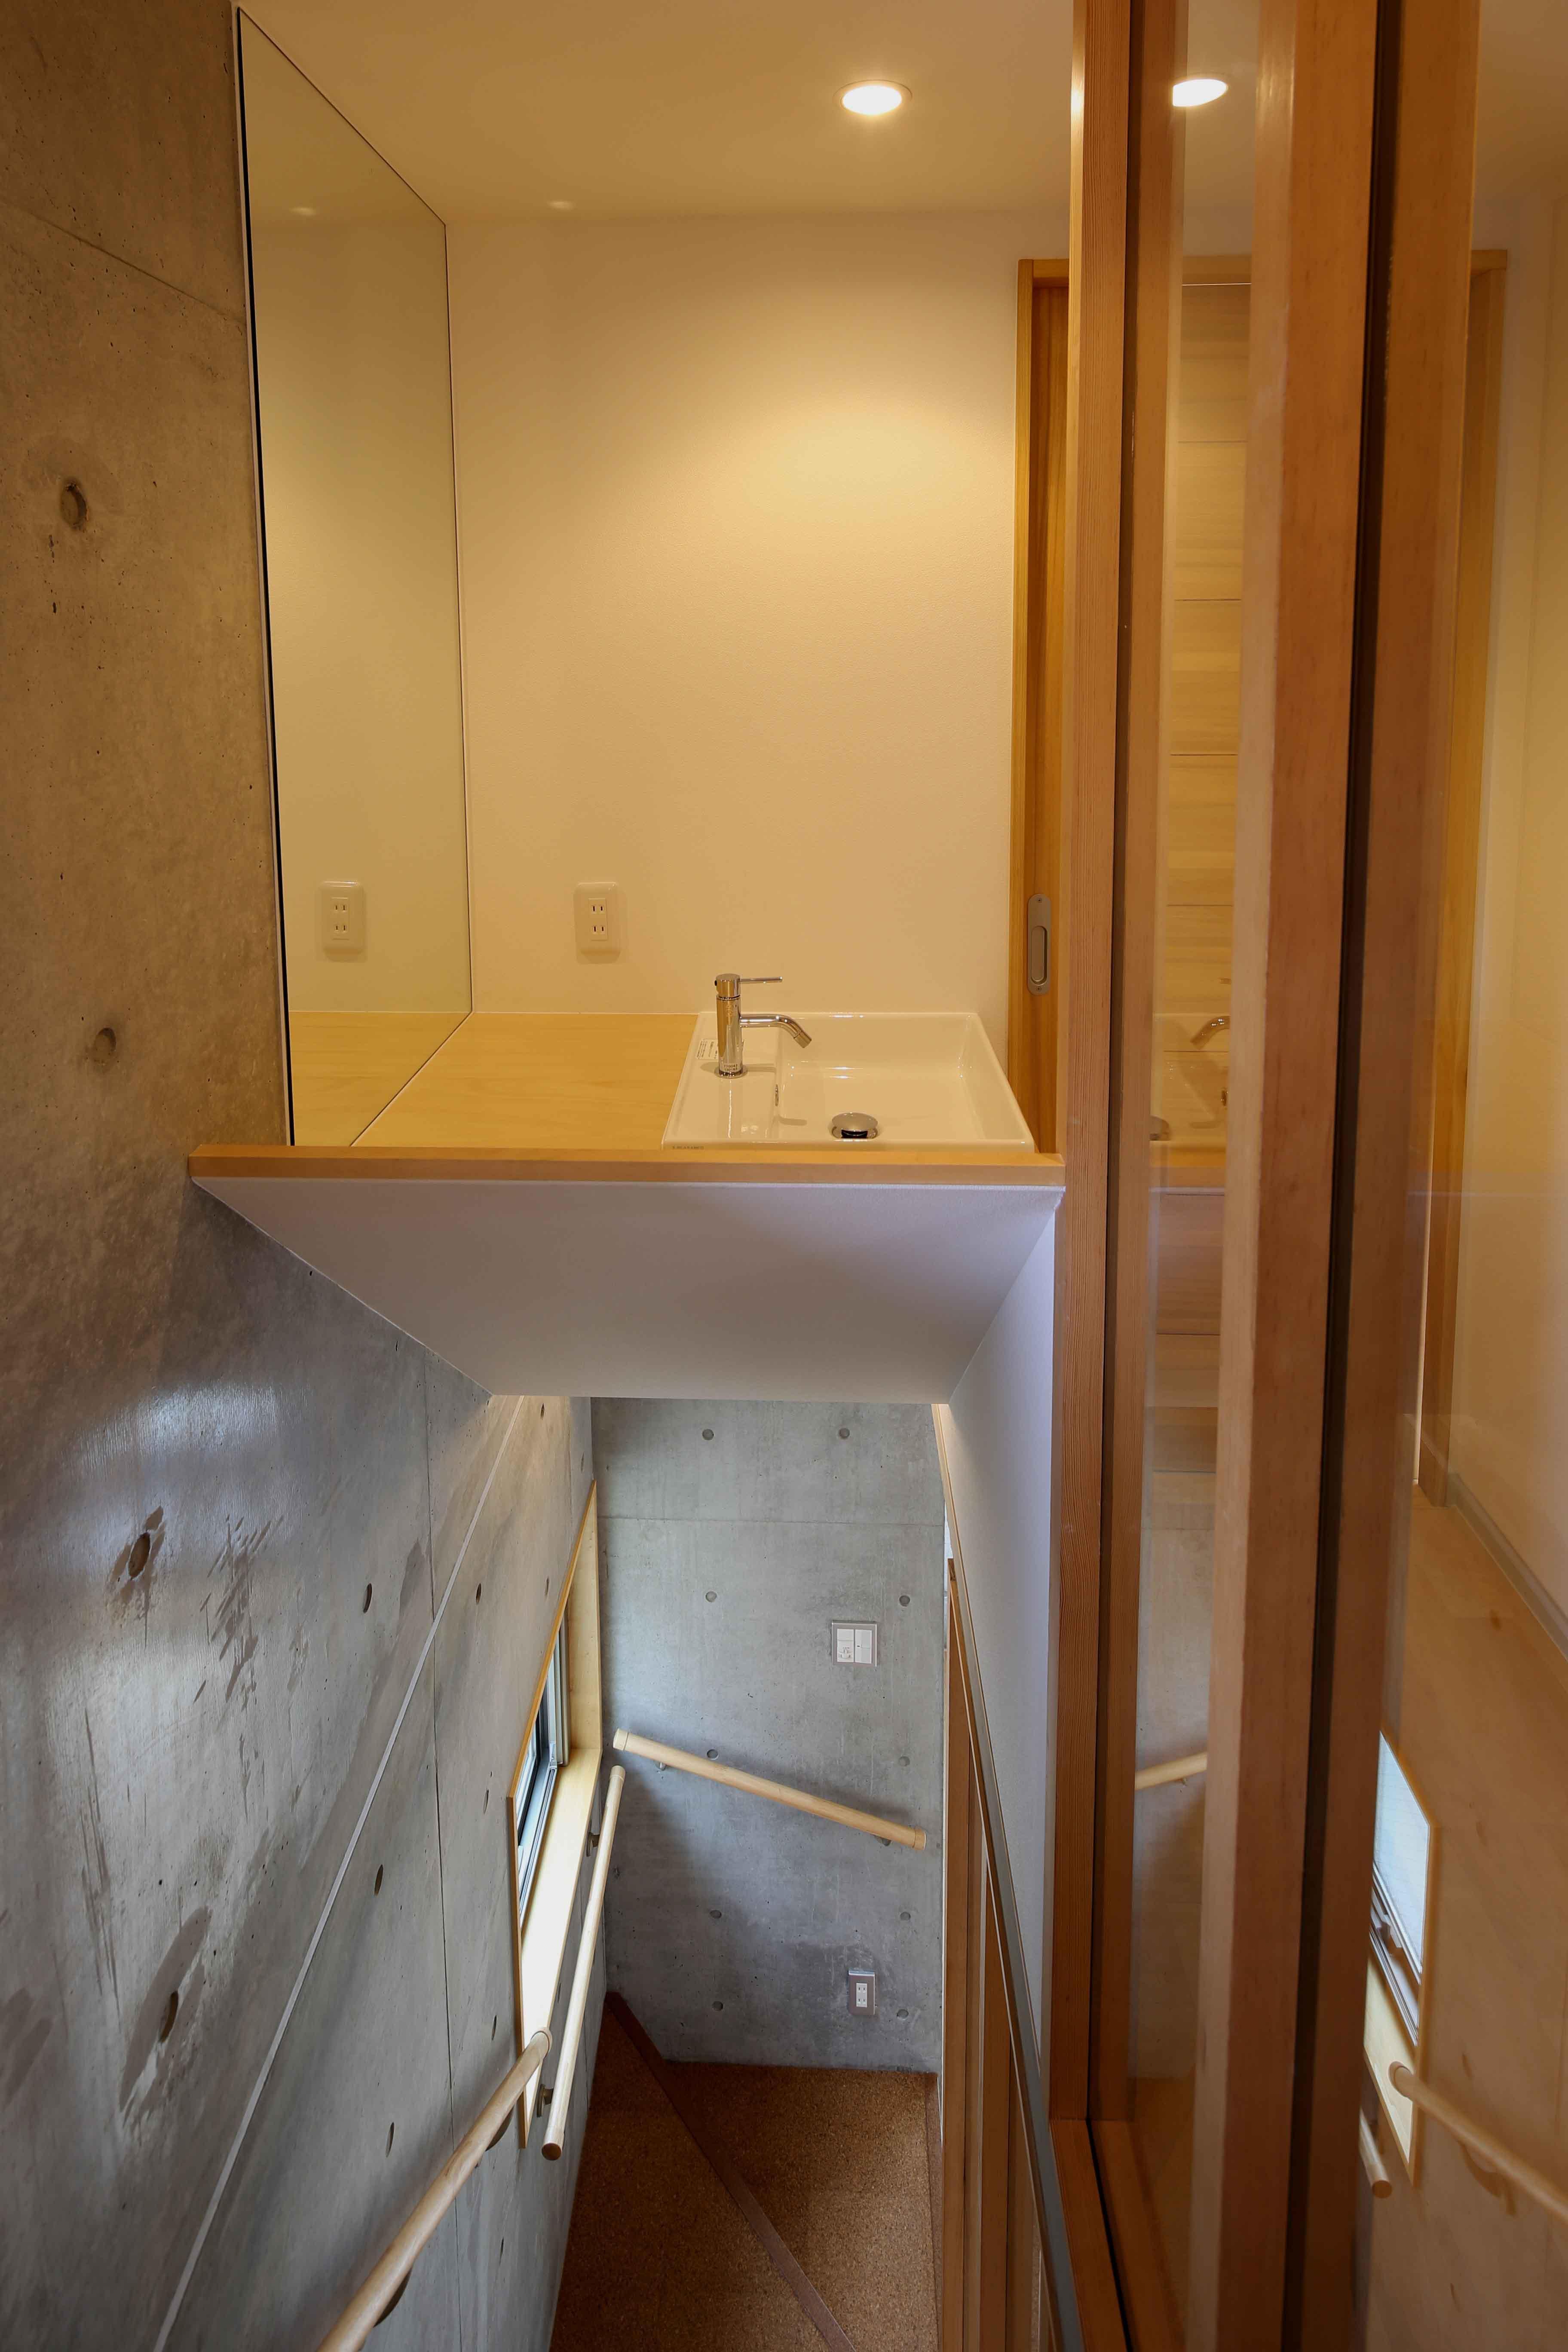 東京都世田谷区 H邸 (階段の上の洗面台)